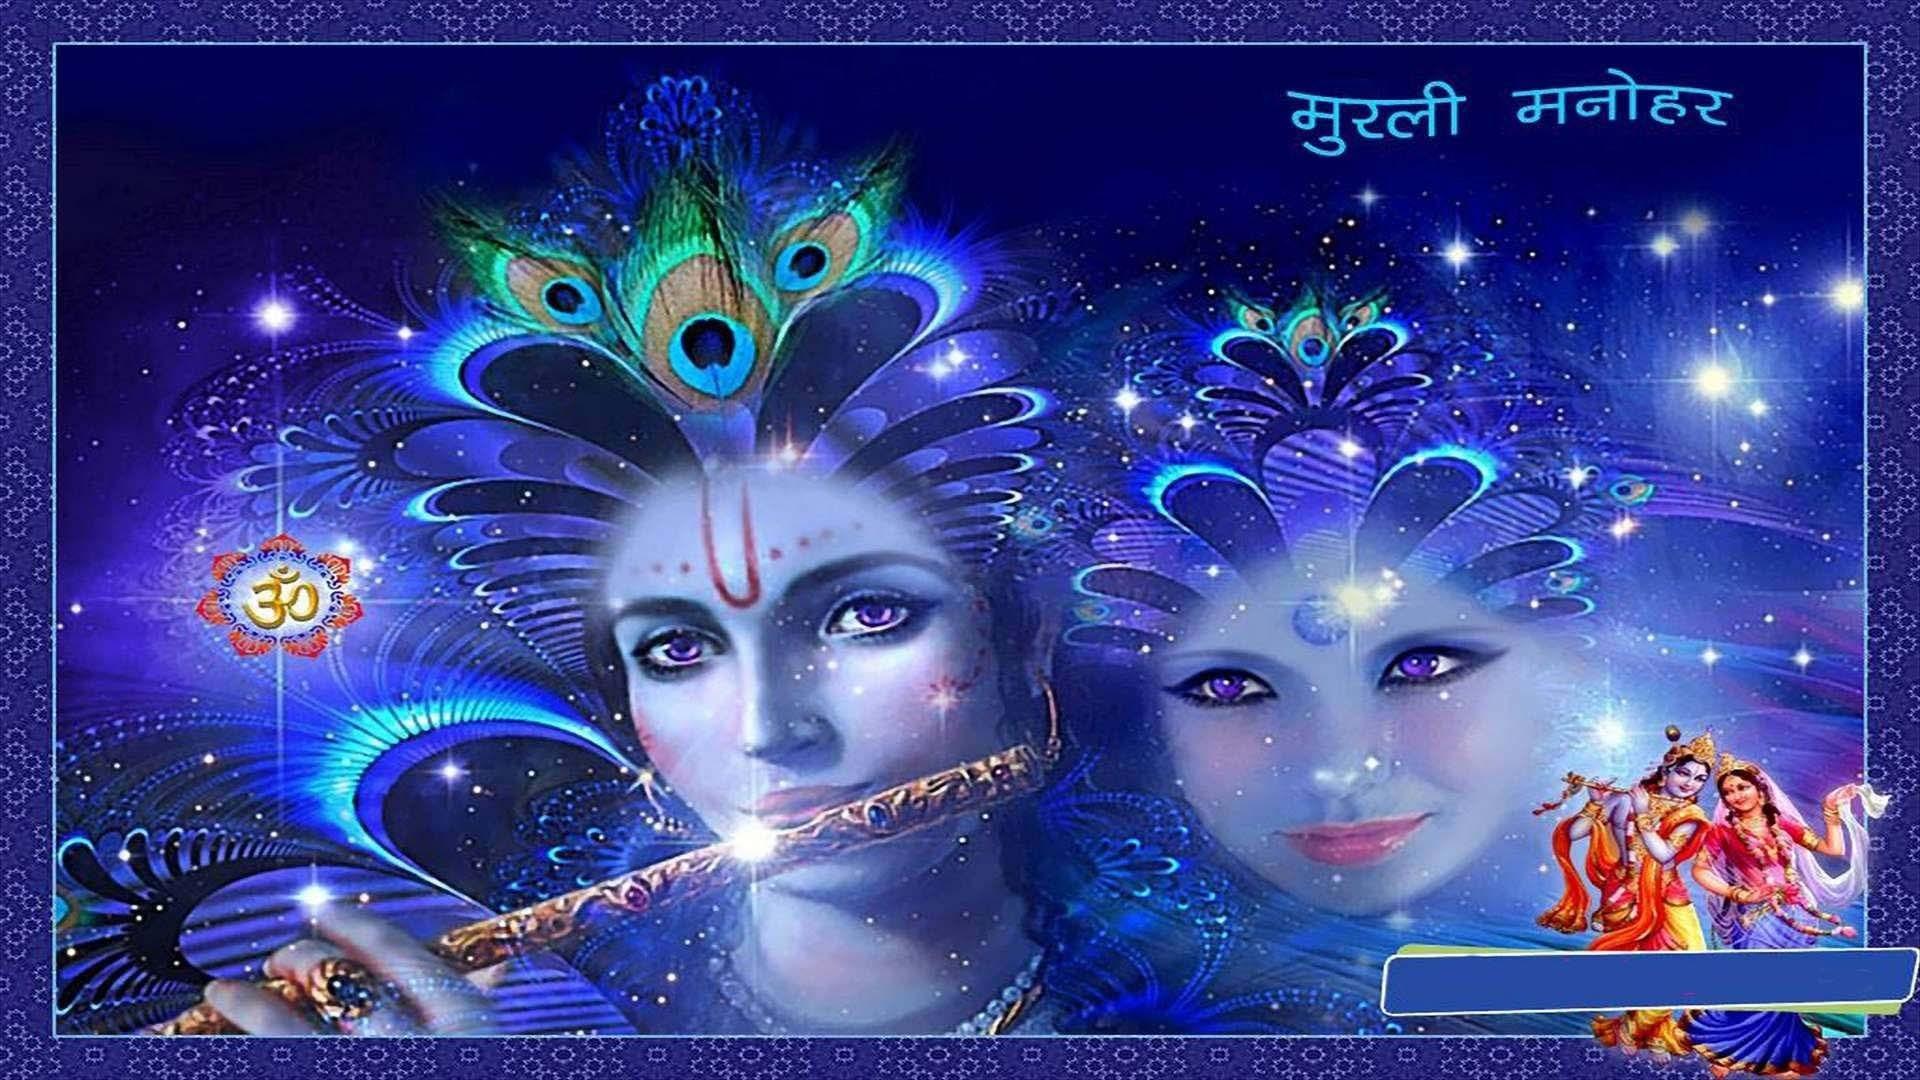 Radha Krishna Wallpapers Full Size - HD Wallpaper